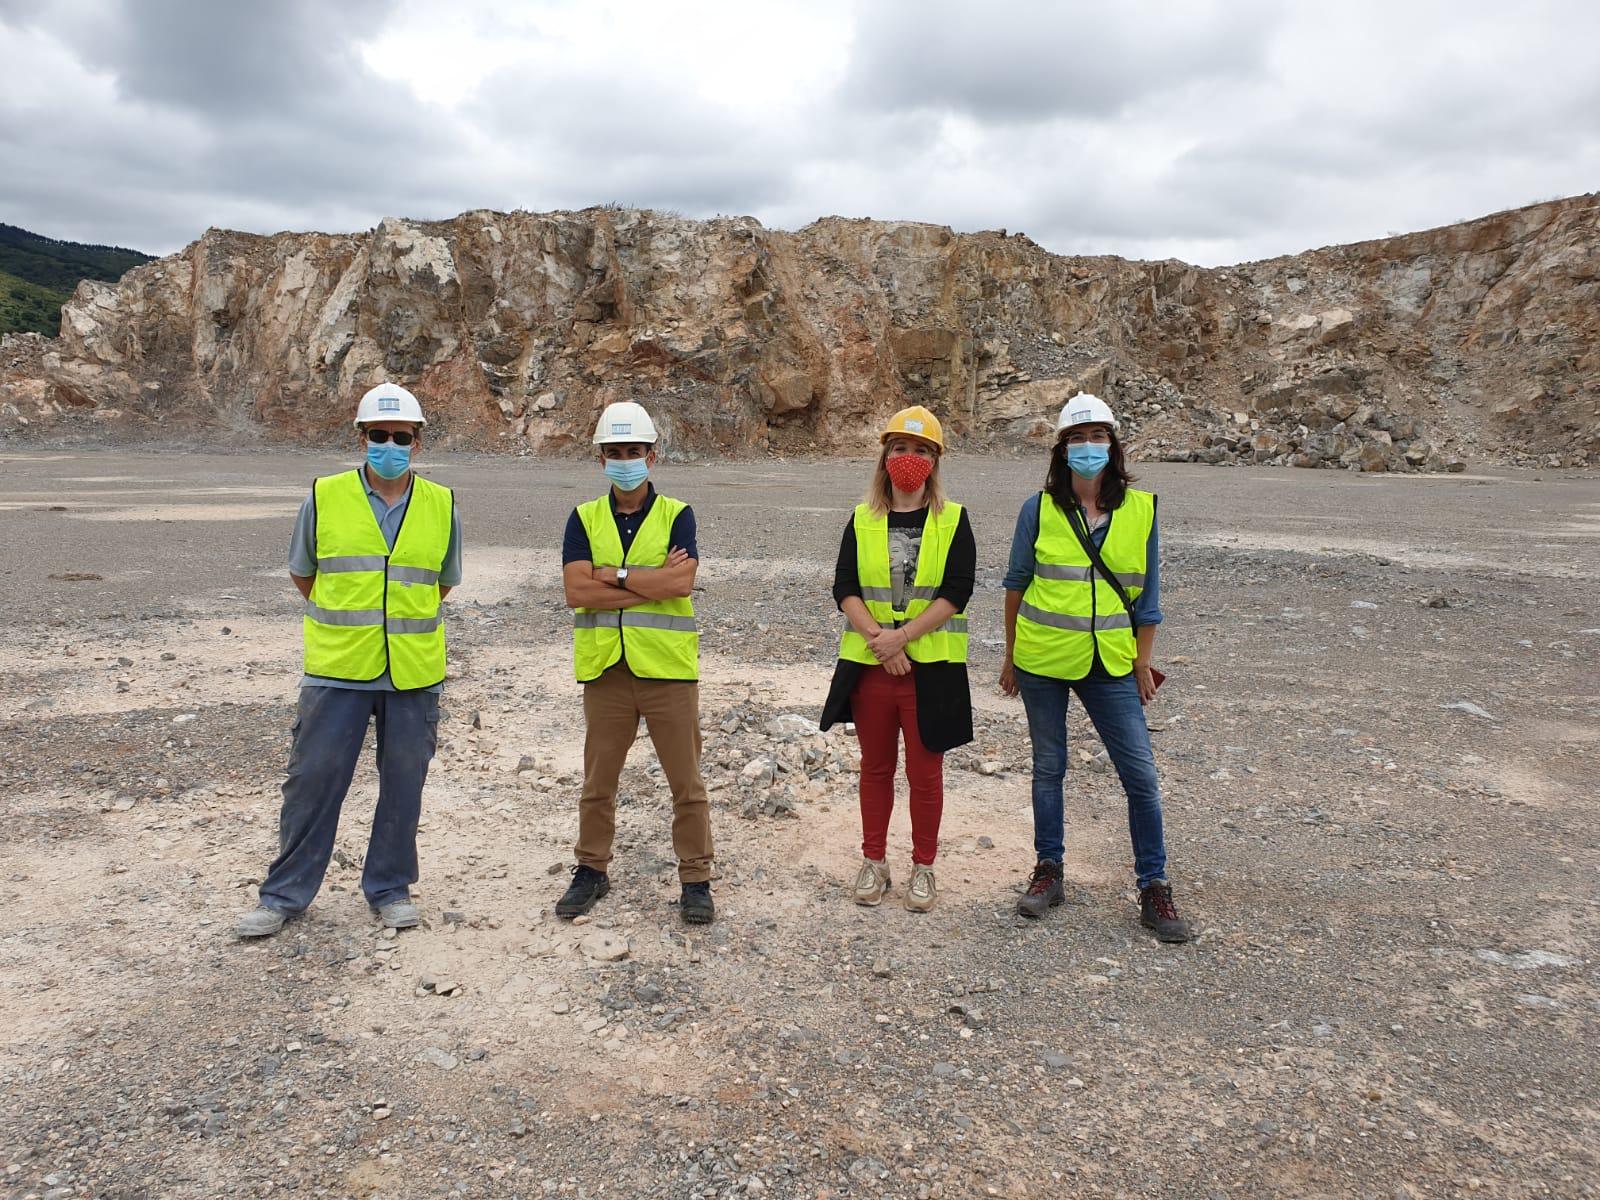 El Director General de Calidad Ambiental y Recursos Hídricos de La Rioja visita Canteras Fernández Pascual